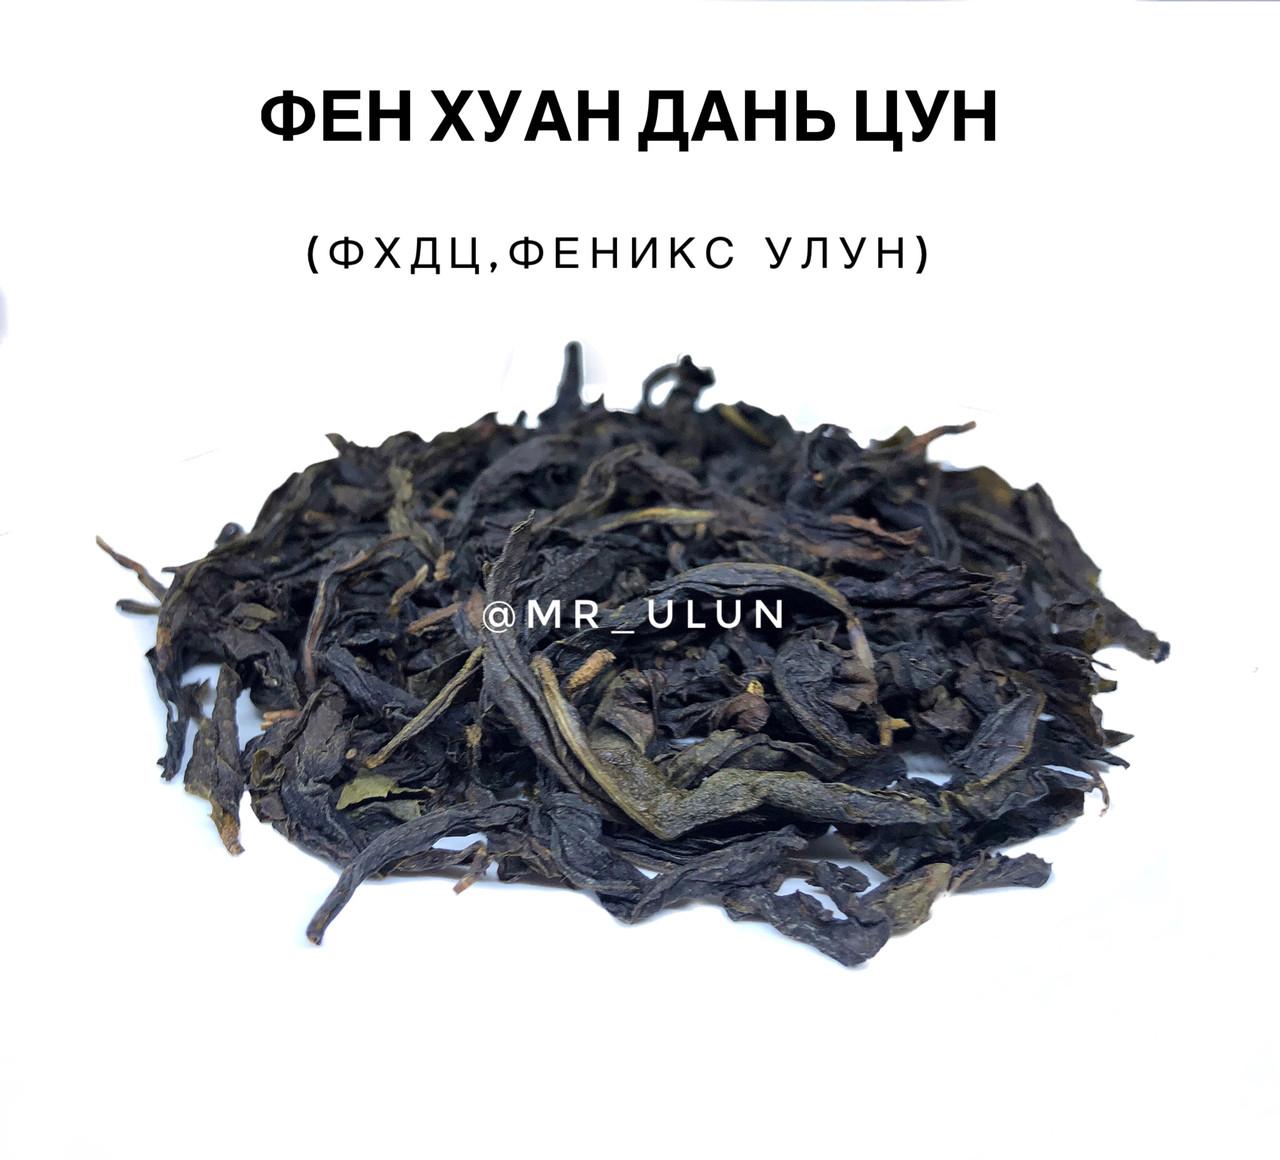 Темний улун Фен Хуан Дань Цун (ФХДЦ, Фенікс улун) 100 г